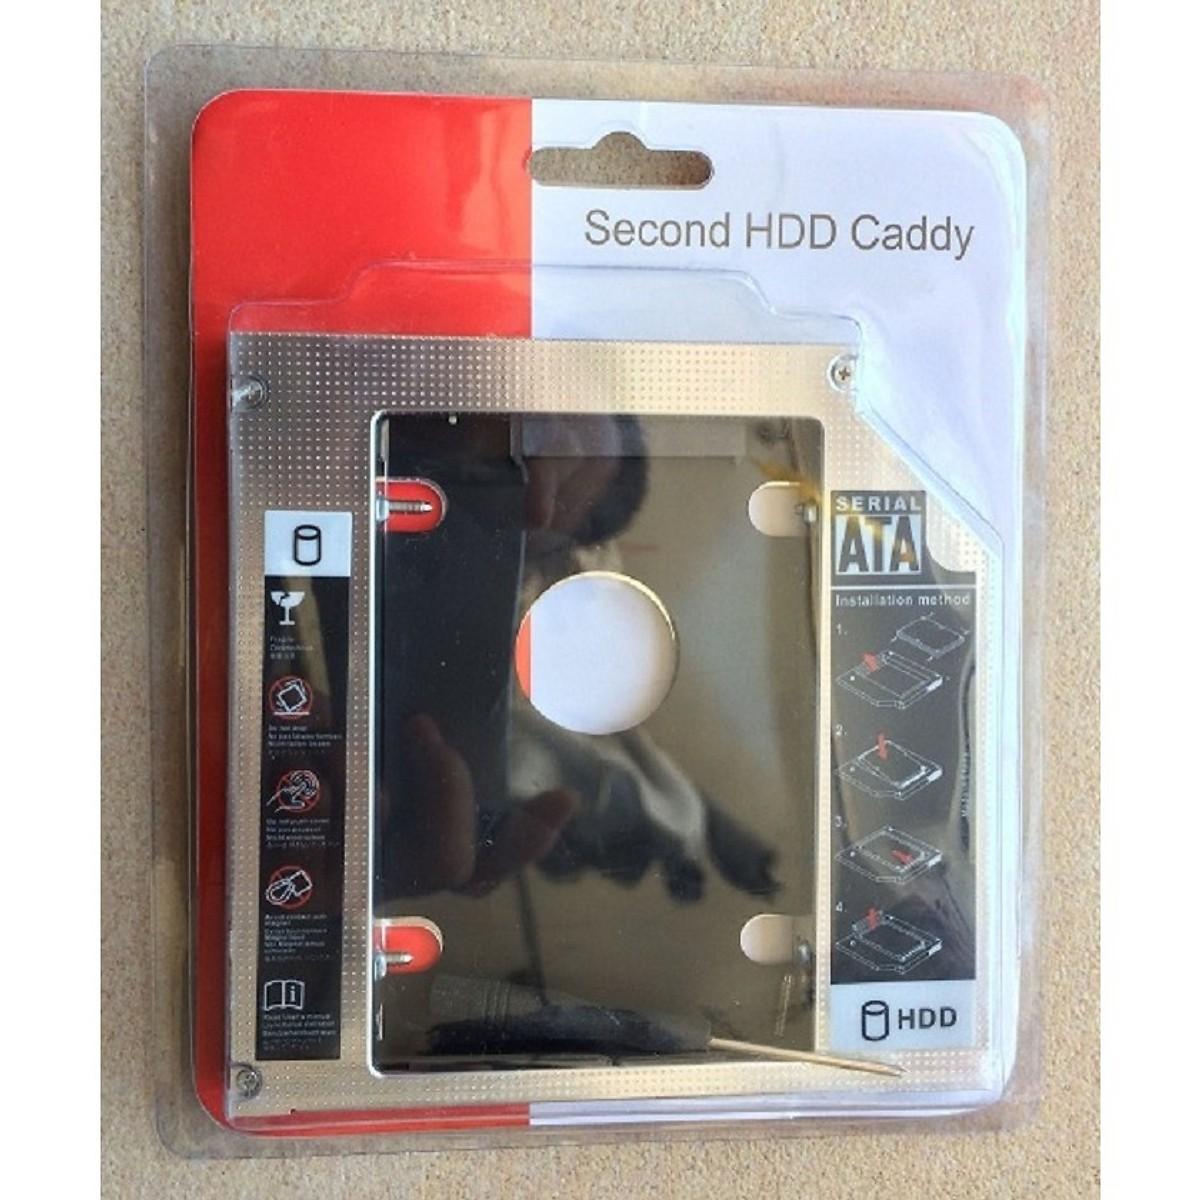 Khay ổ cứng laptop (Caddy Bay) dày 12,7mm - Hàng Nhập Khẩu